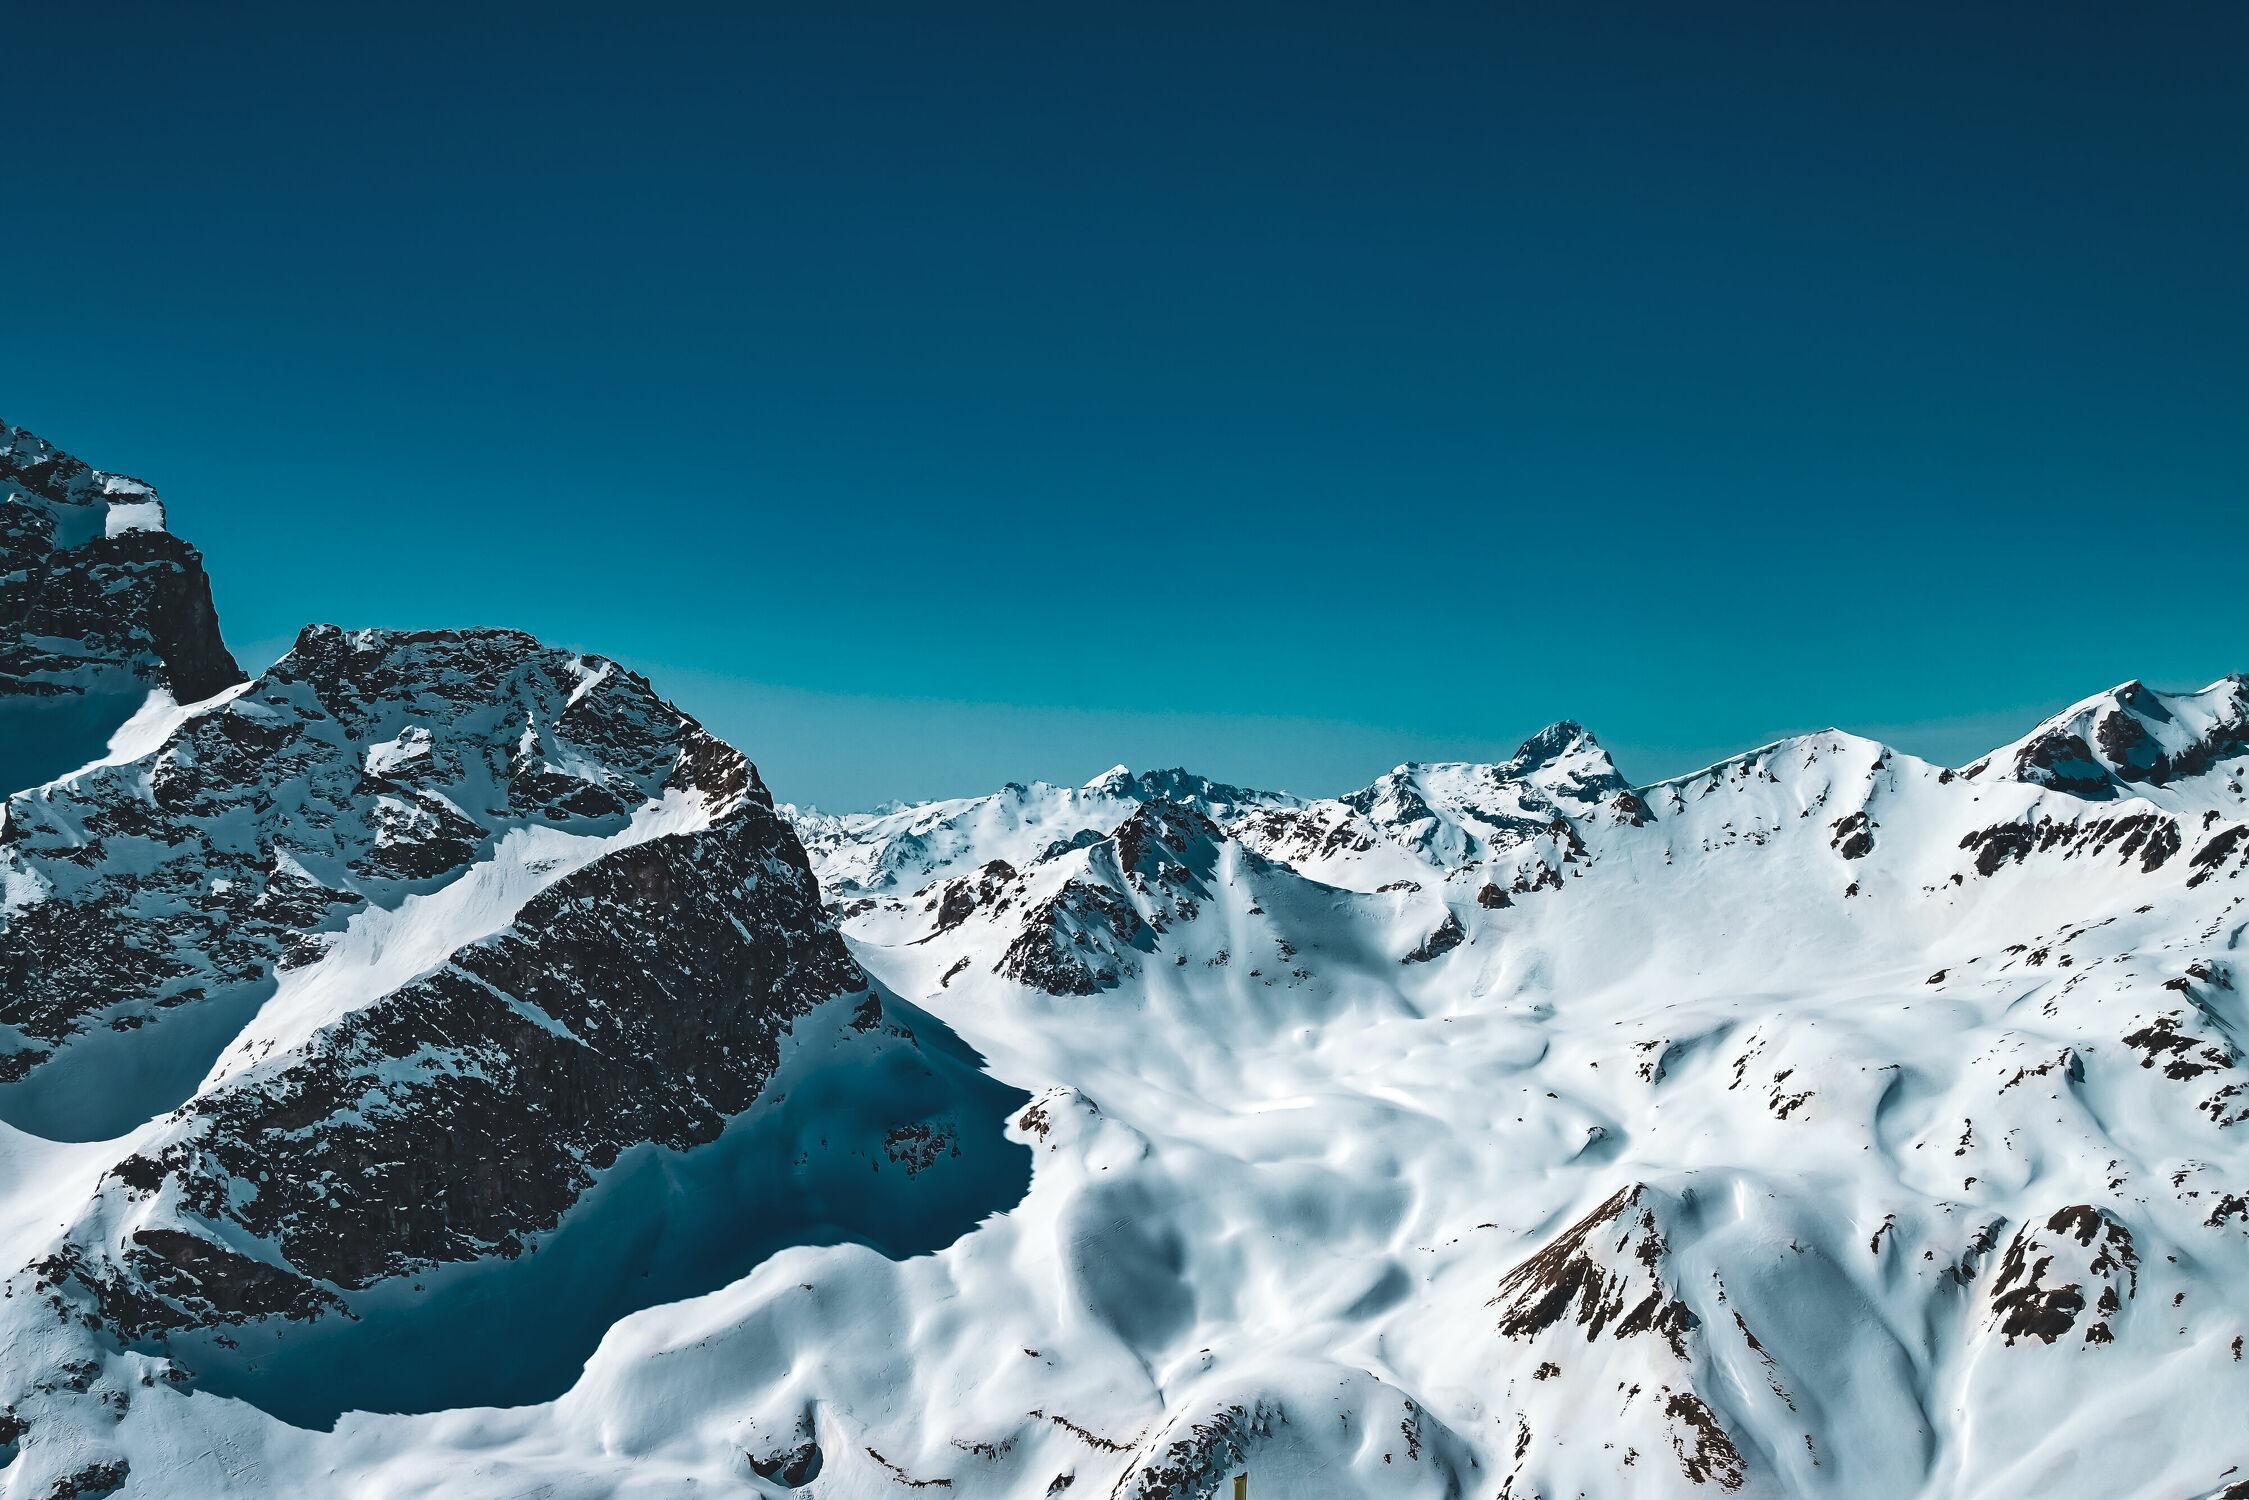 Bild mit Natur, Berge, Blauer Himmel, winterlandschaft, Landschaften im Winter, Schweiz, schweizeralpen